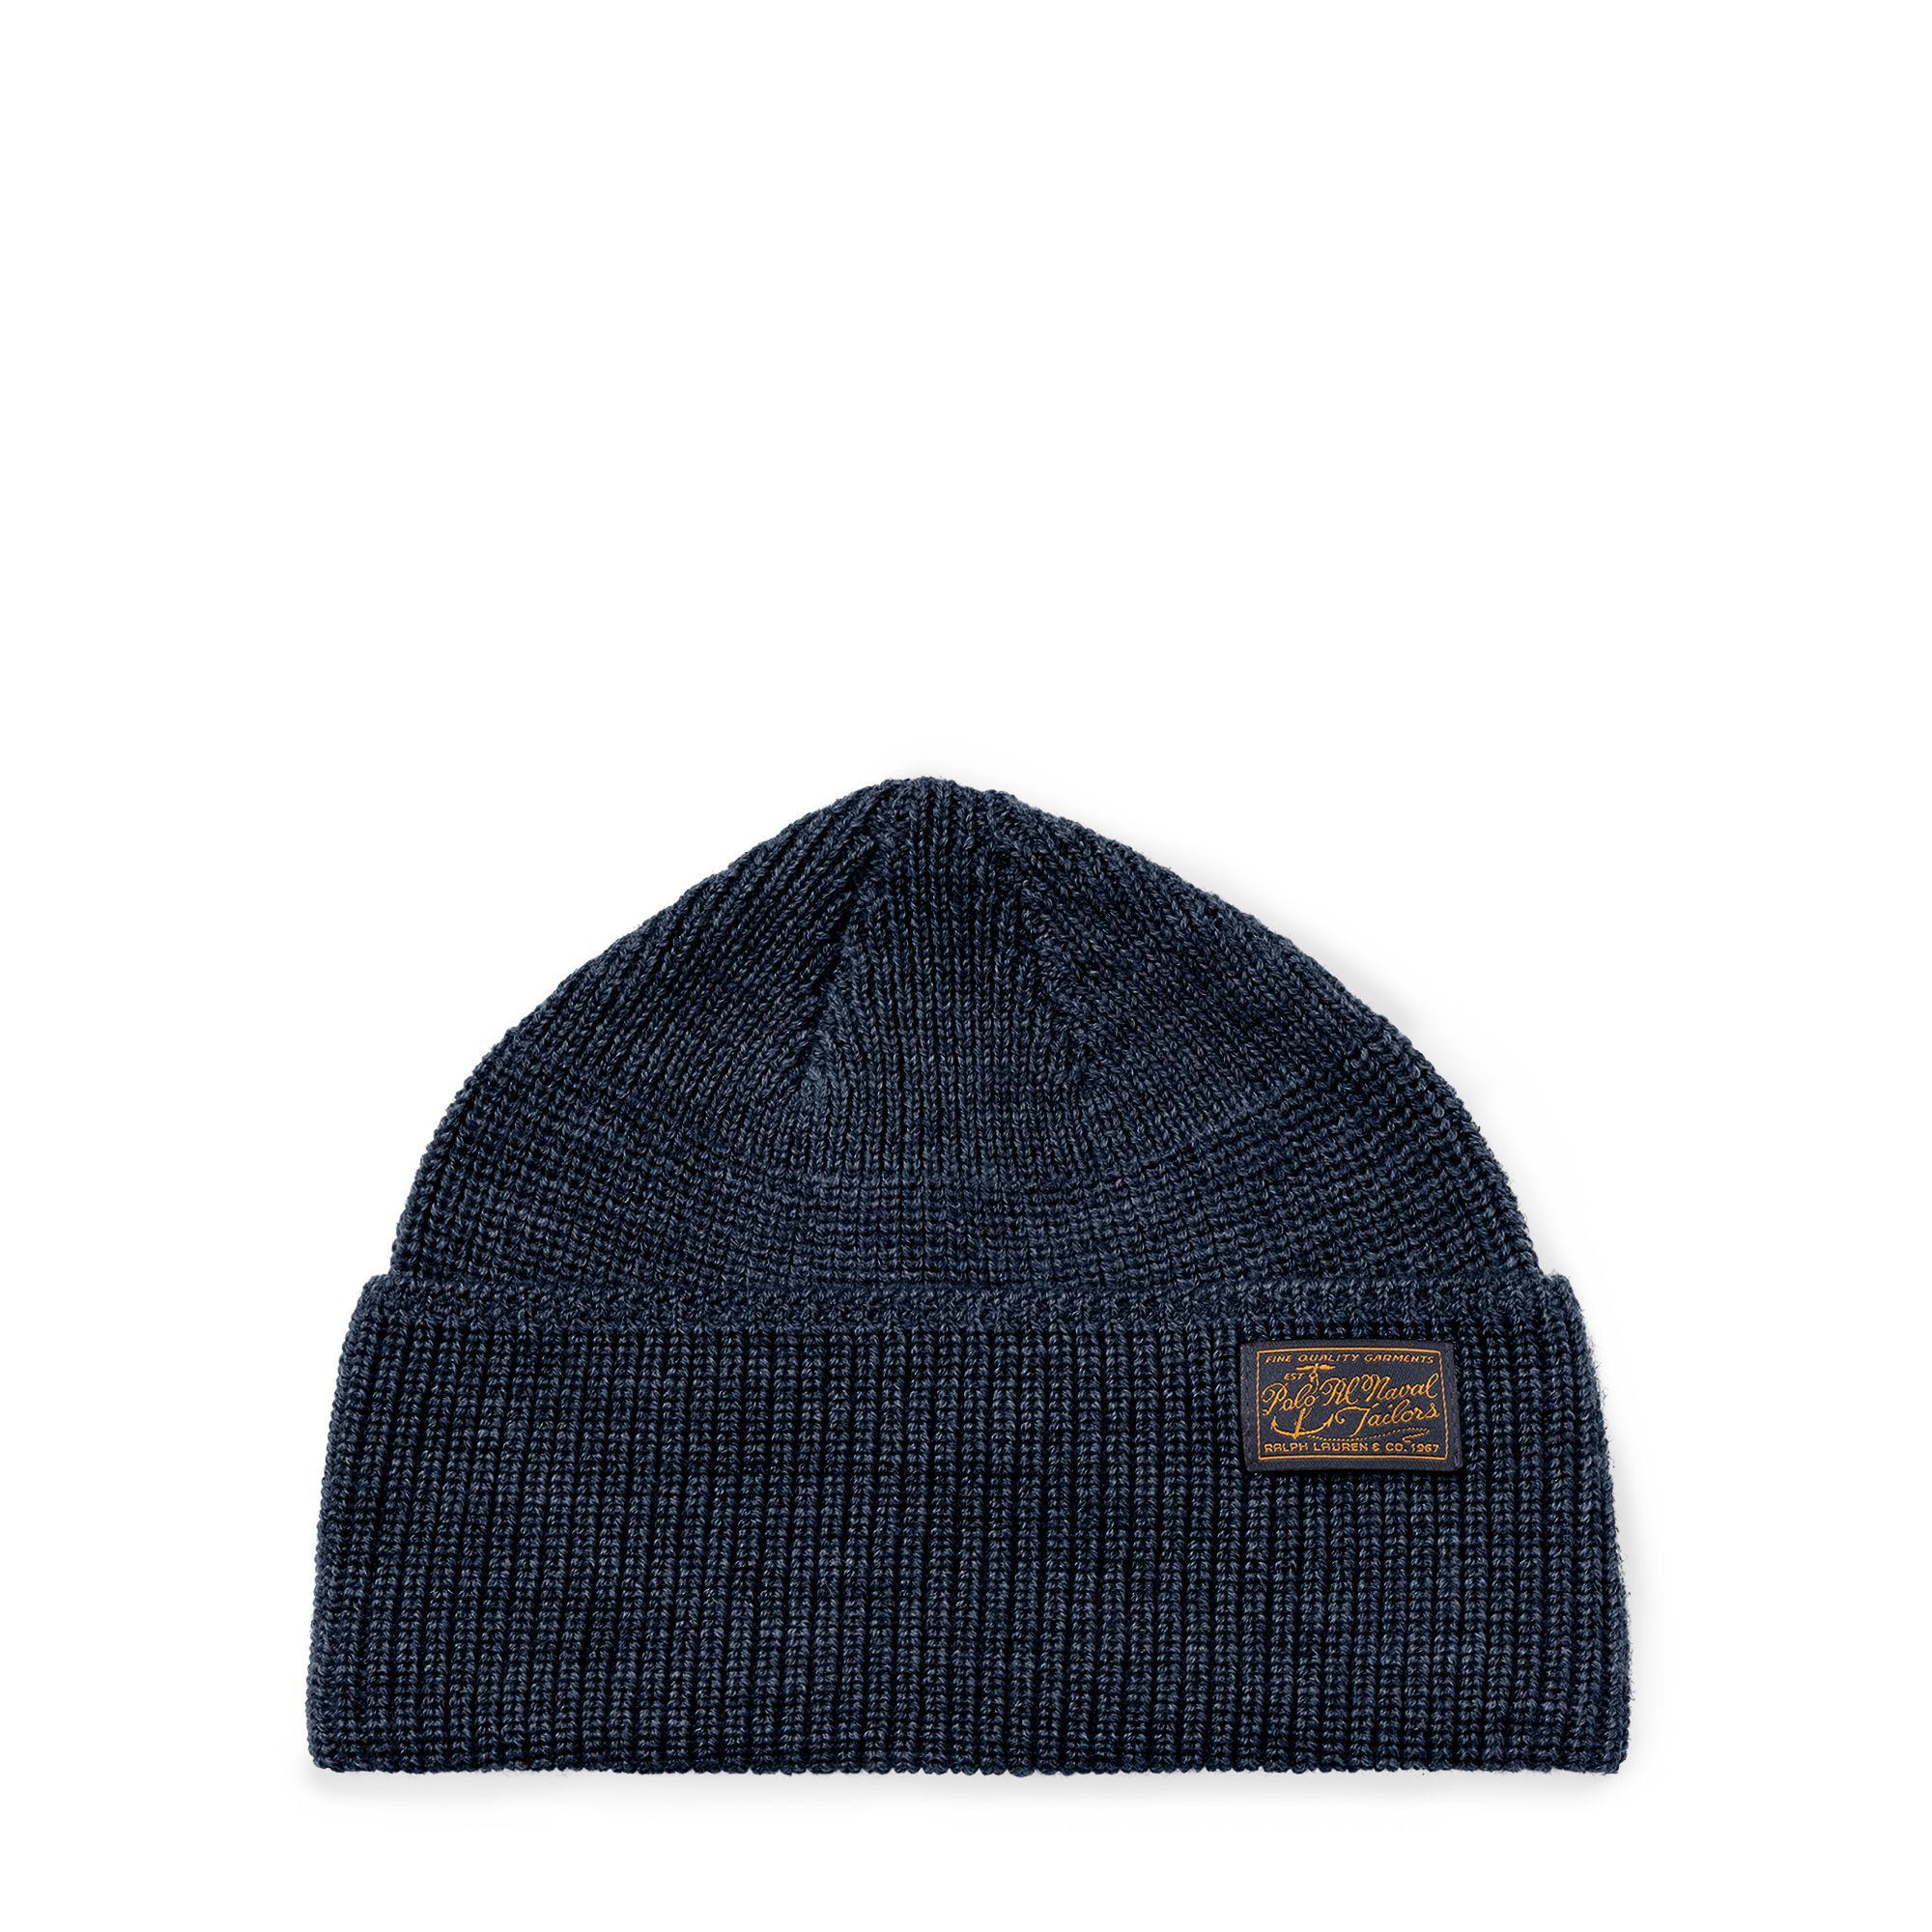 da5da31e28f Lyst - Polo Ralph Lauren Naval-brim Knit Hat in Blue for Men